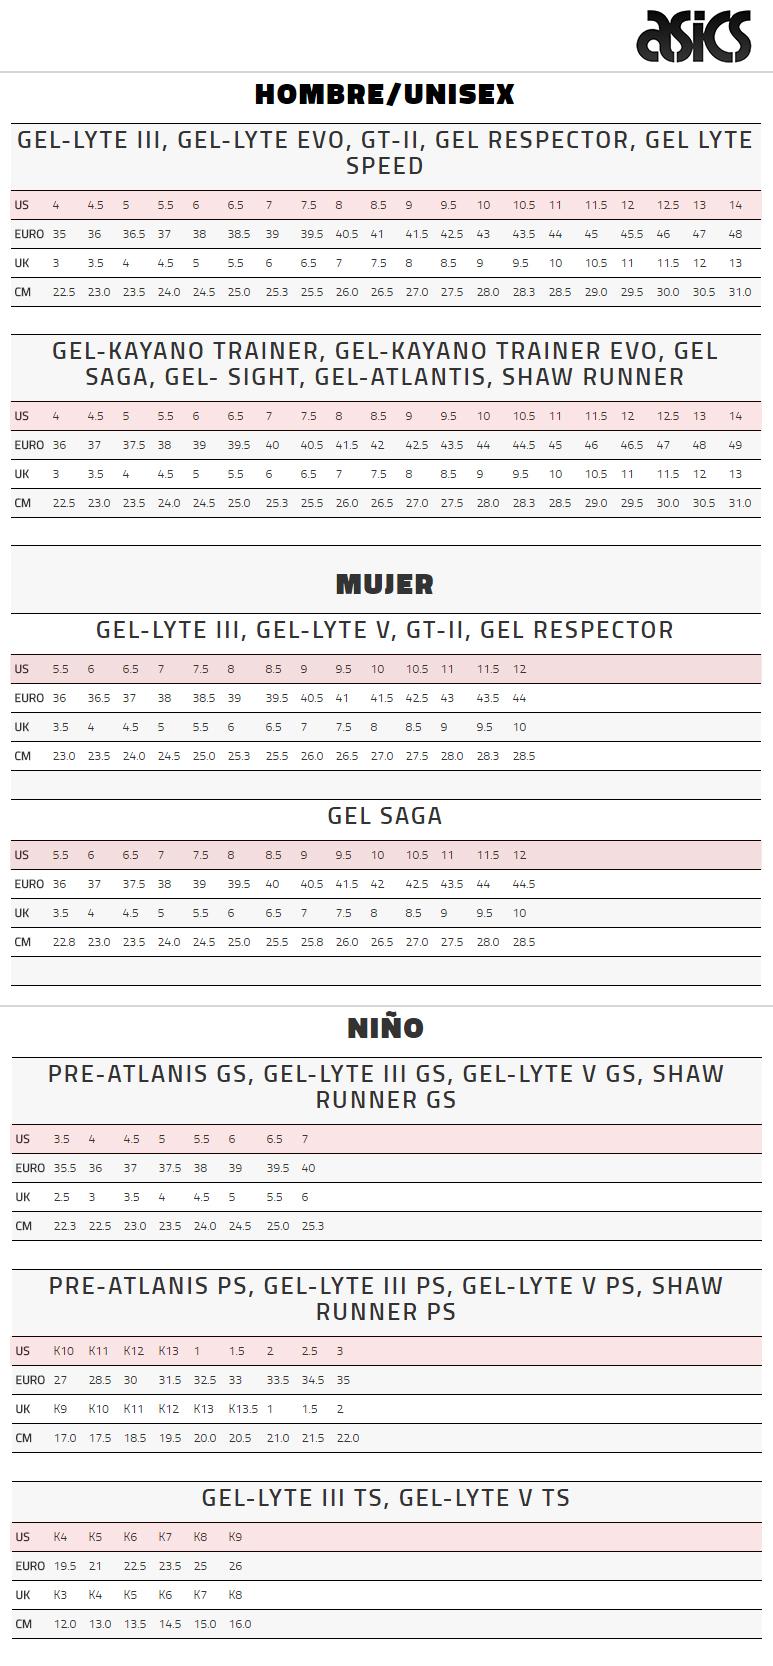 Guía de tallas de zapatillas deportivas Asics Tiger